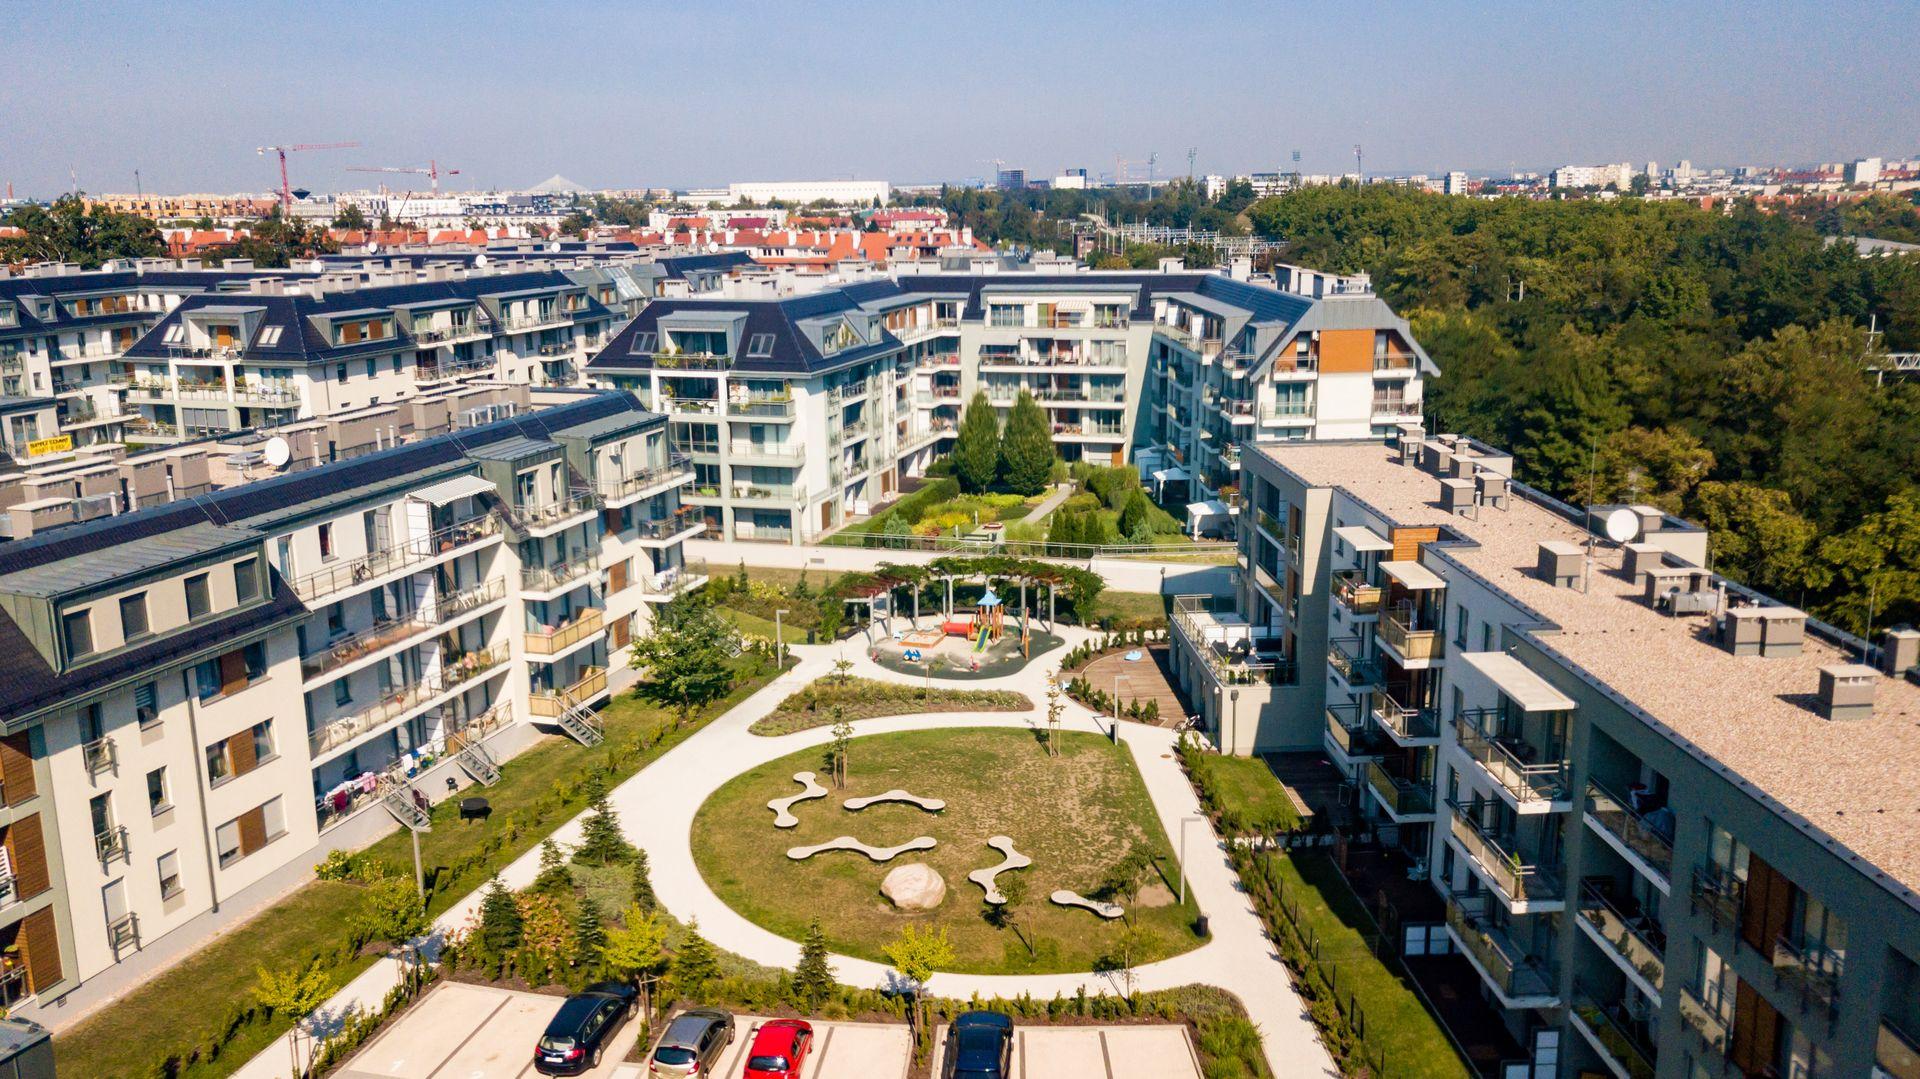 Wrocław: Archicom finiszuje z Ogrodami Hallera. Biurowiec Club House domyka osiedle kompletne